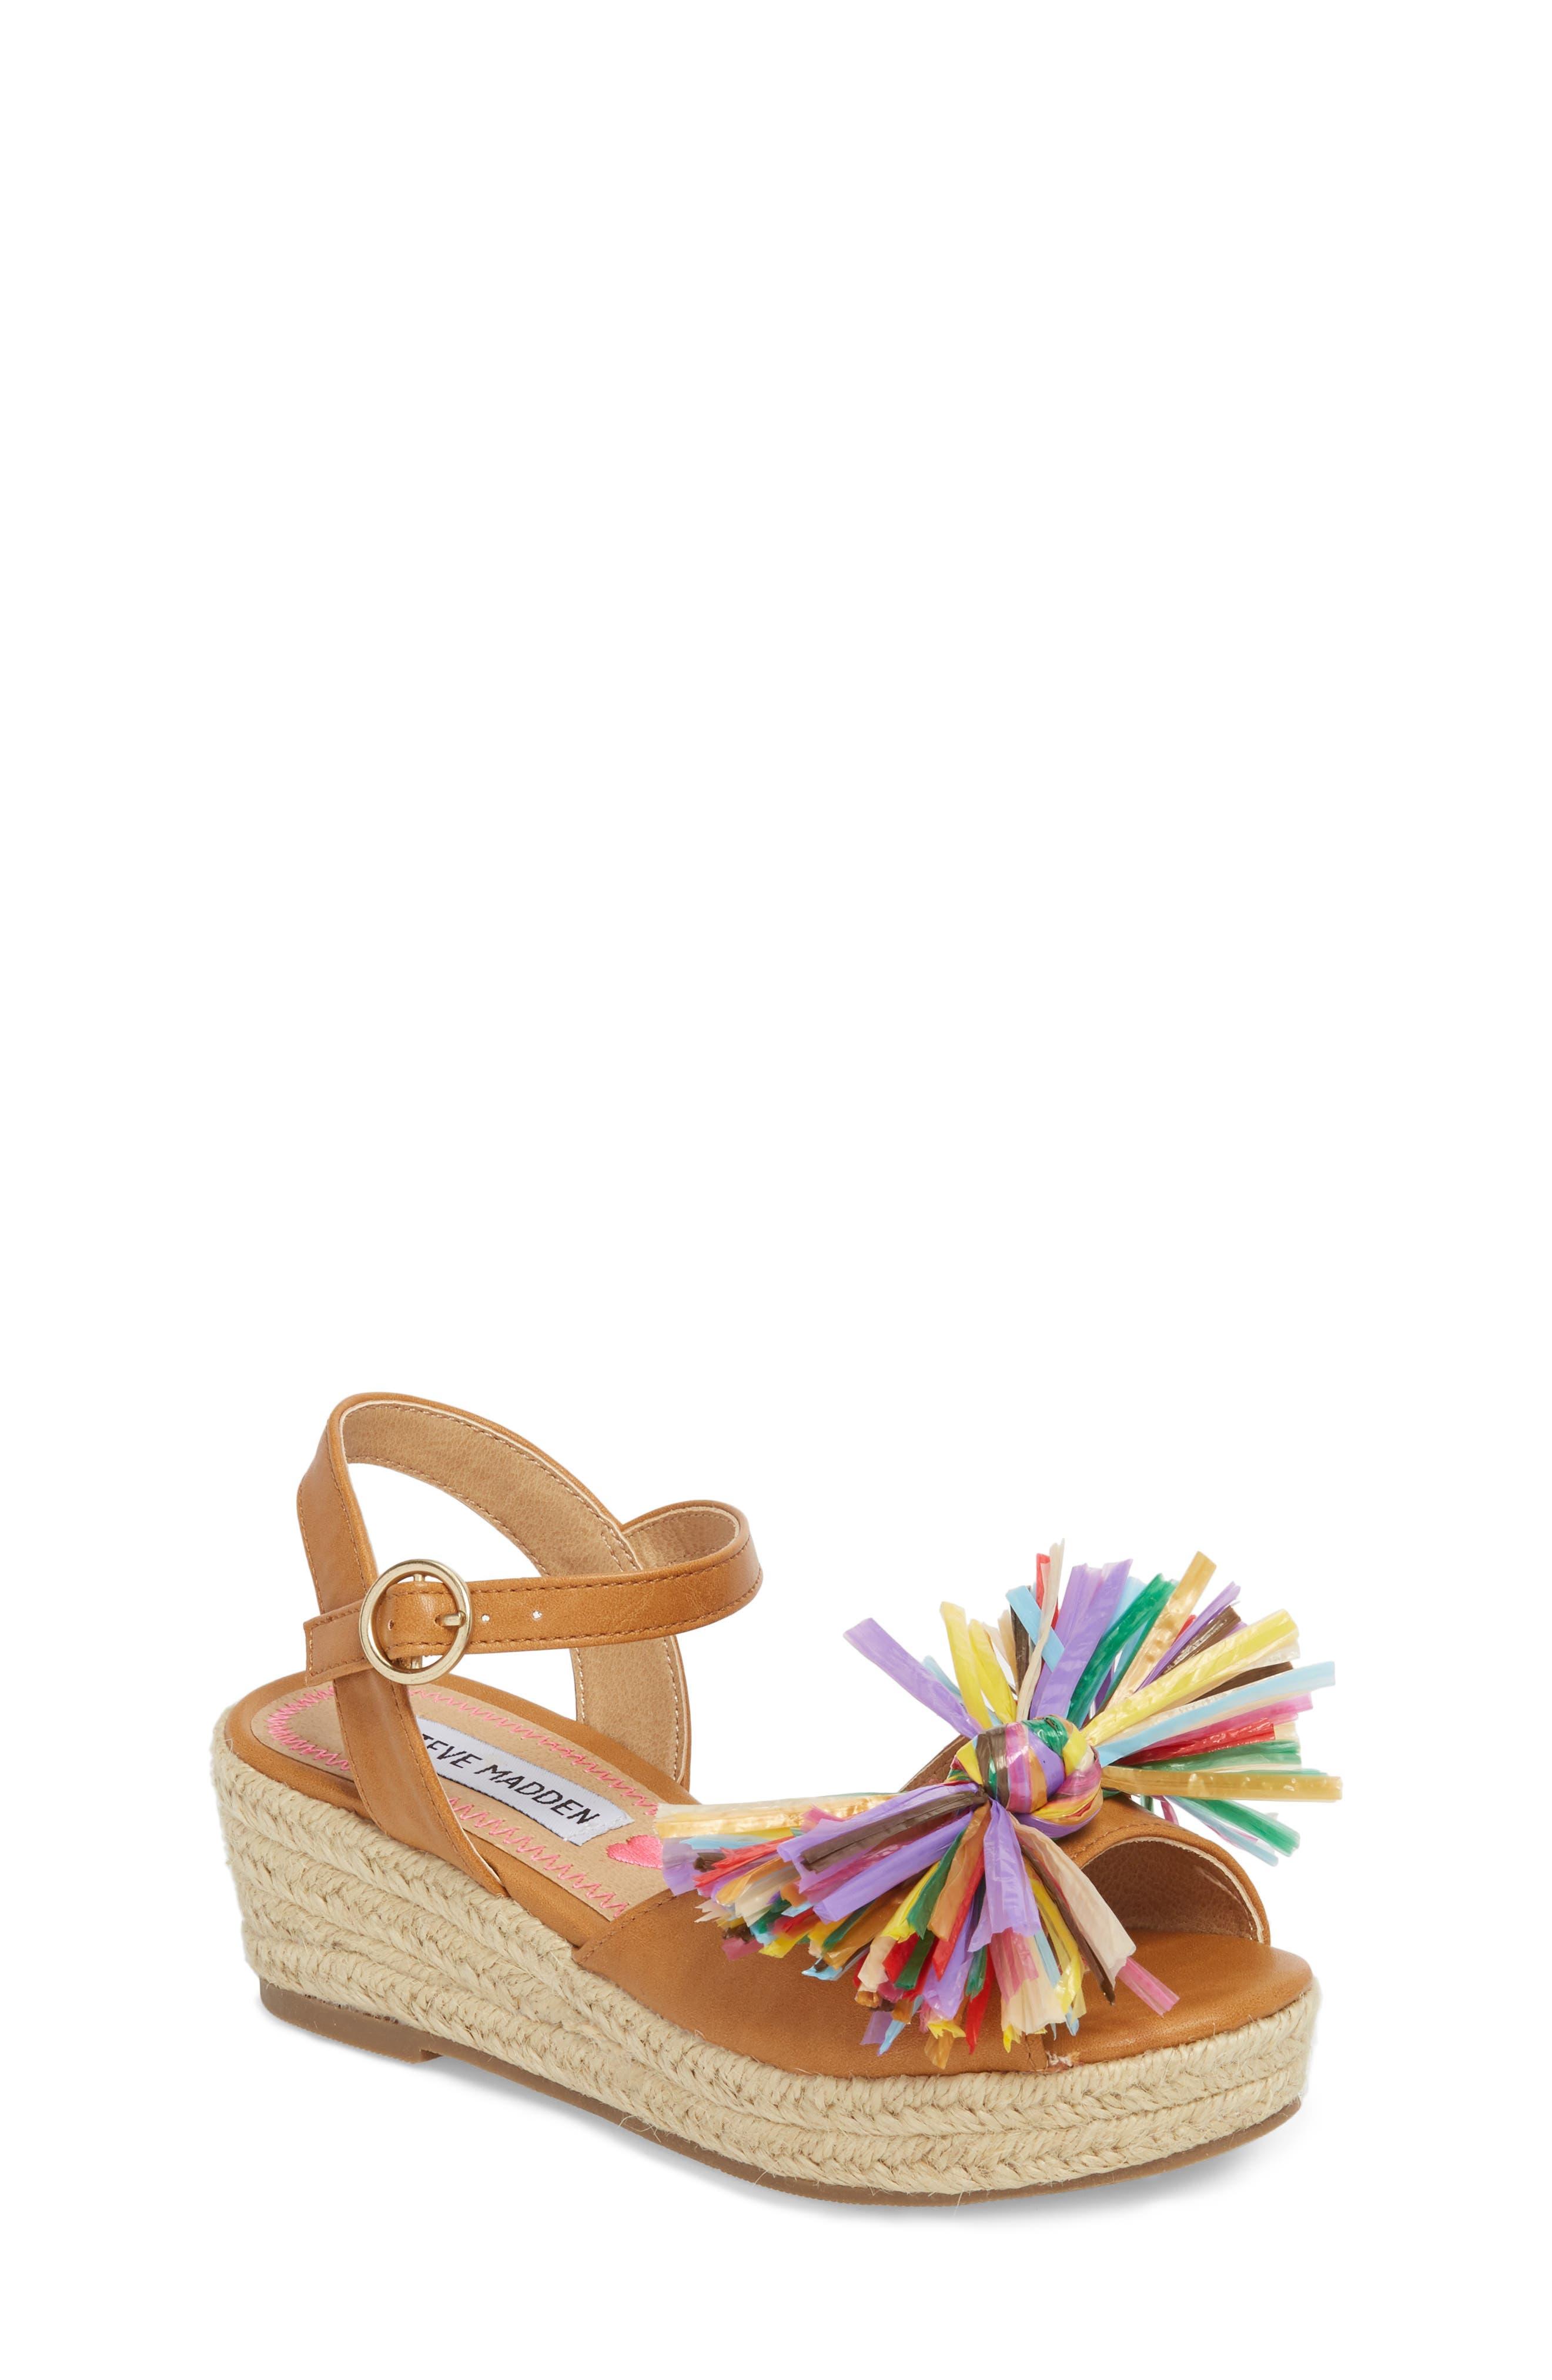 JSTRWBERI Wedge Sandal,                         Main,                         color, 200